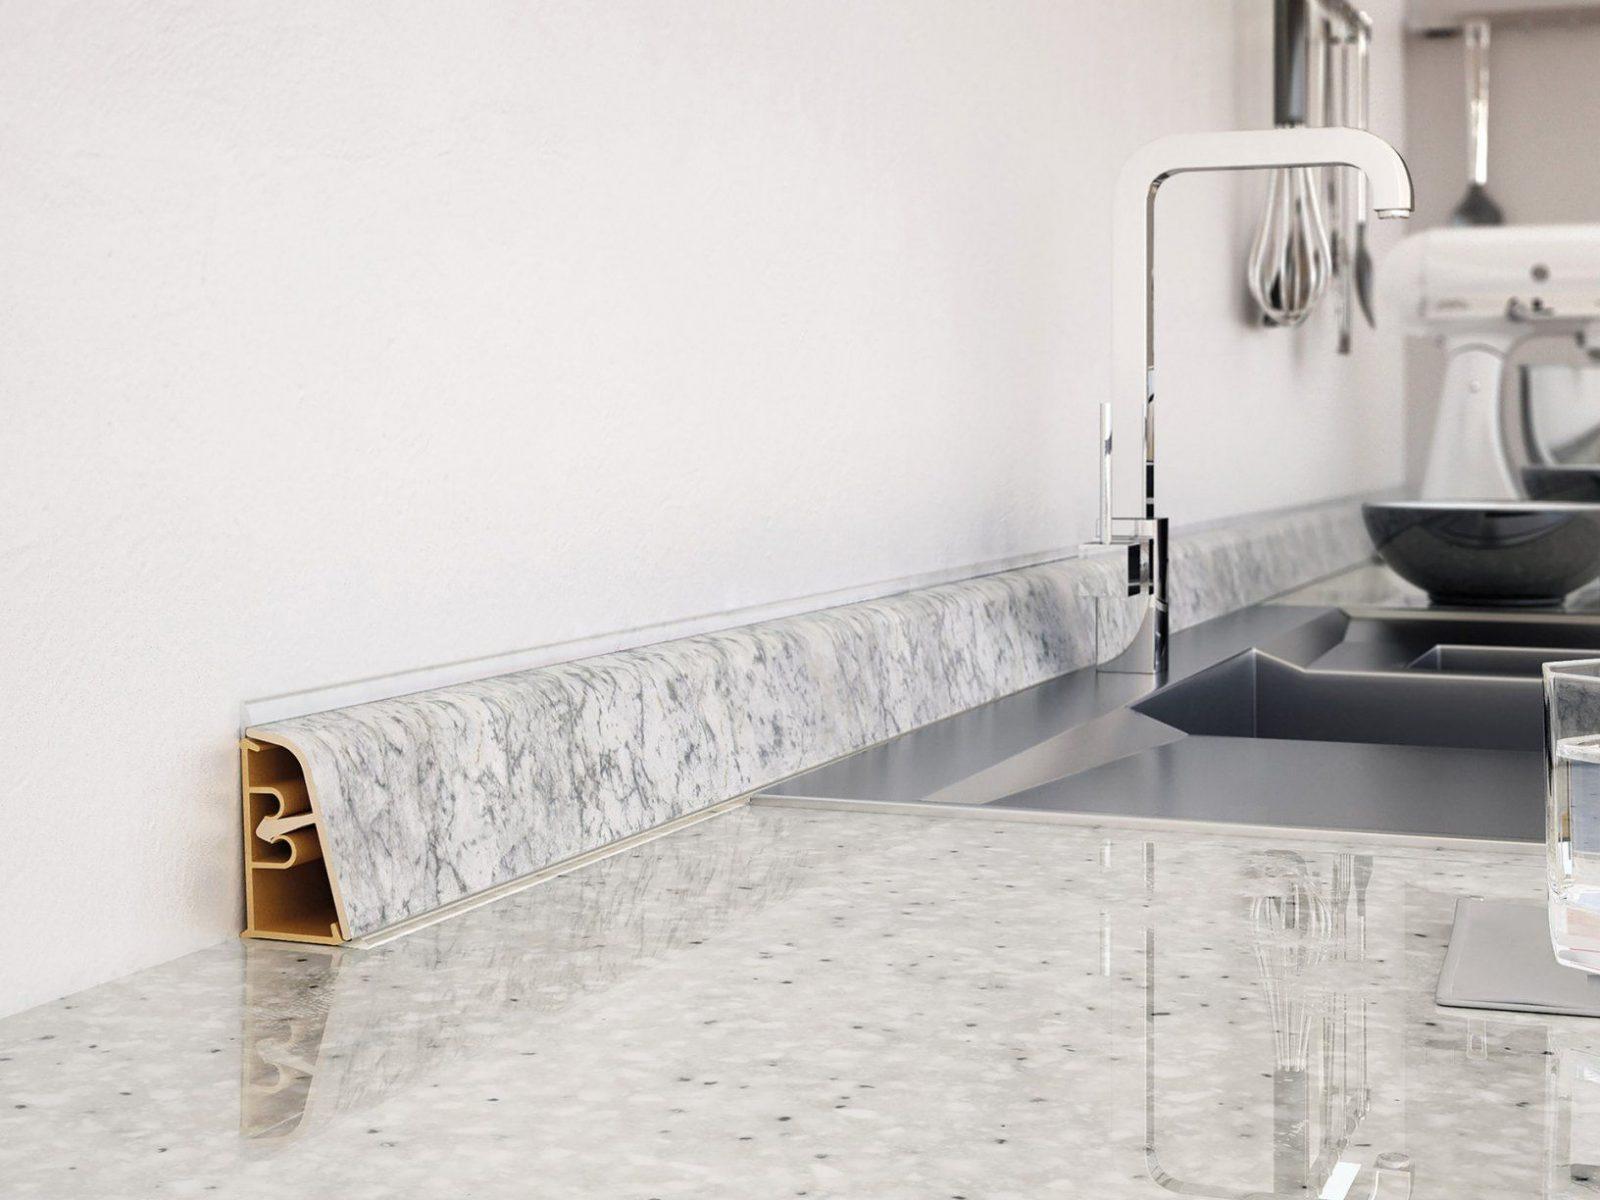 Leisten Für Küchenarbeitsplatten  Wandanschlussprofile  Fn von Leiste Für Arbeitsplatte Küche Photo